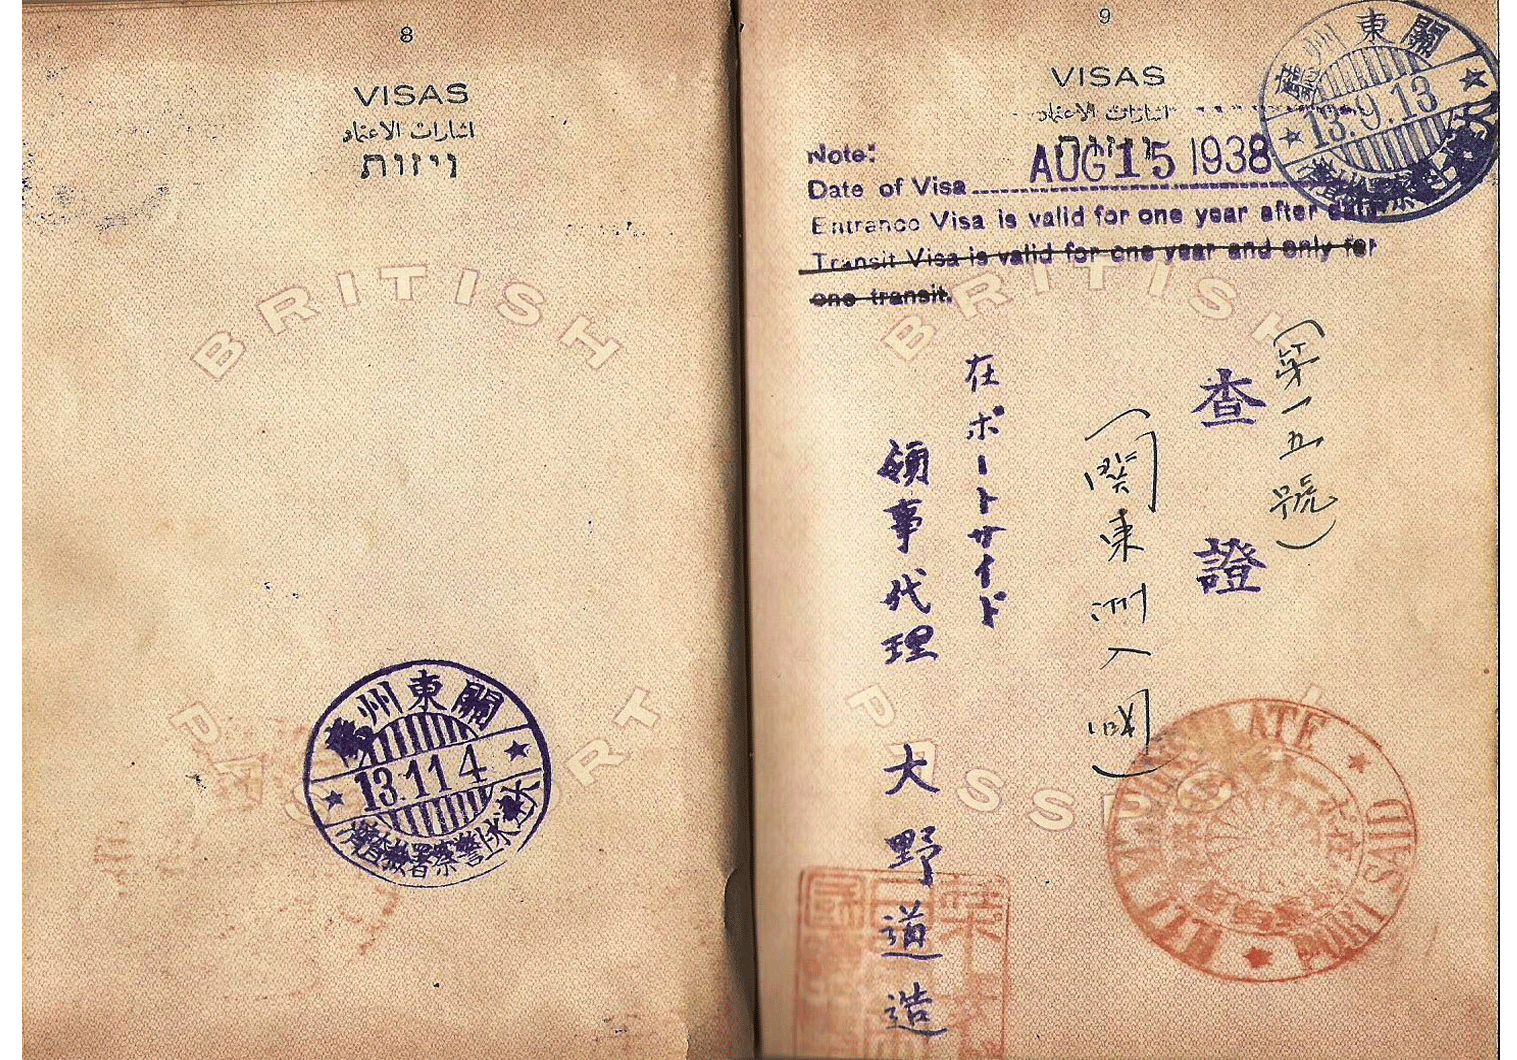 Manchurian visa